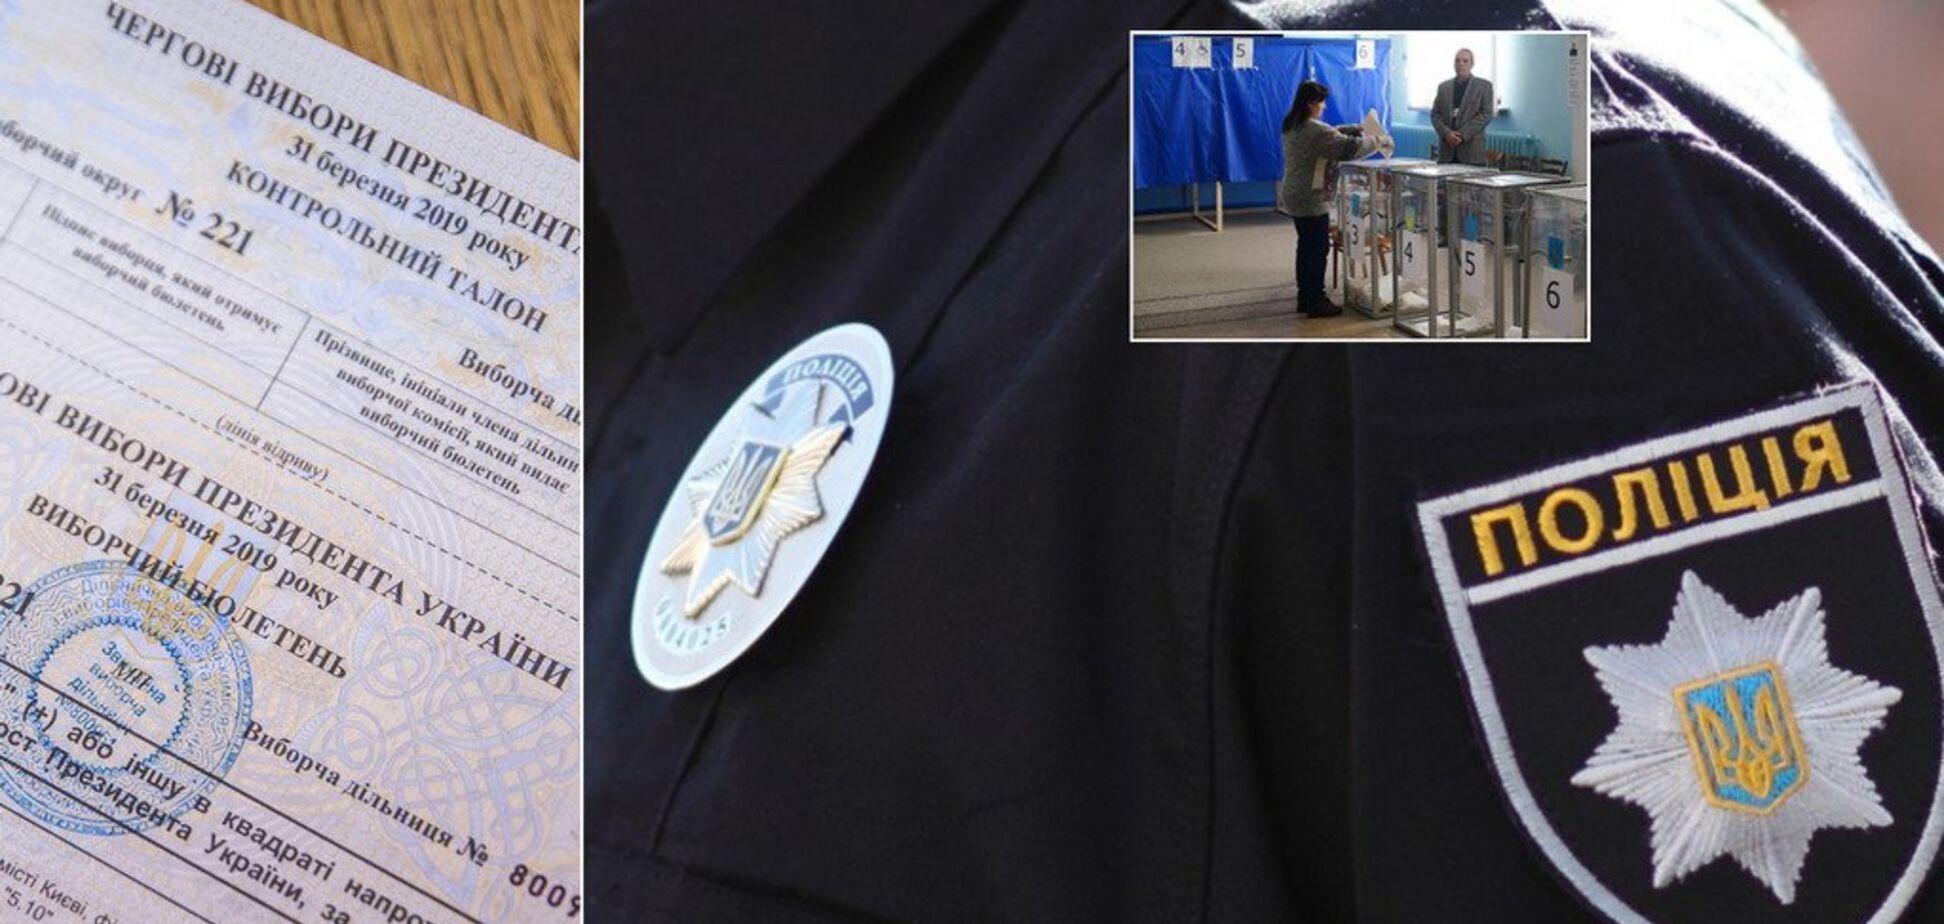 Исчезающие чернила, ревность и огонь: топ-6 скандалов на избирательных участках